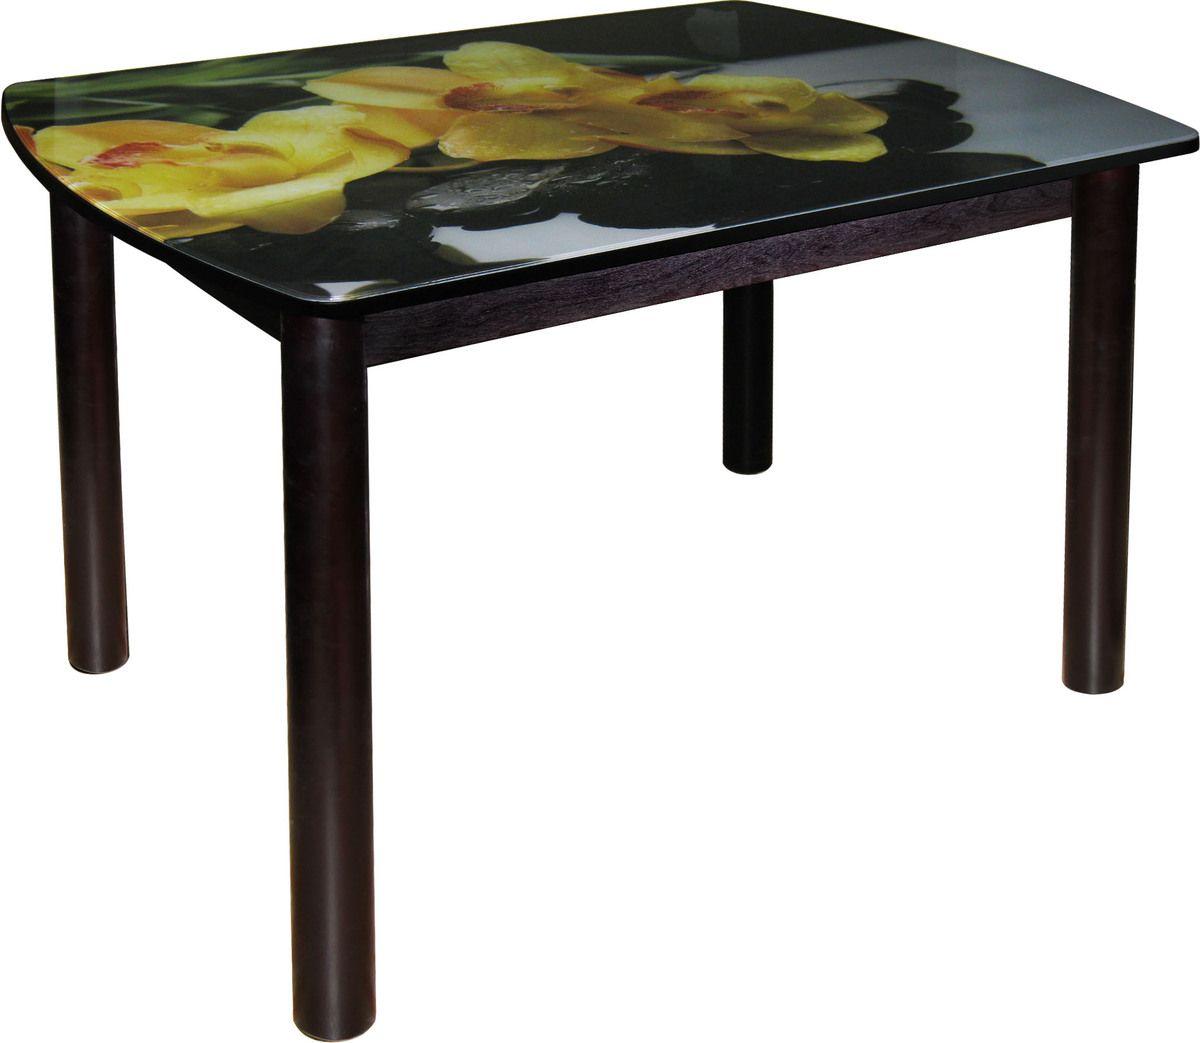 Стол с фотопечатью (арт.М142.76) стеклоМебель для дома<br><br><br>Артикул: М142.76<br>Бренд: Ravta<br>Страна-изготовитель: Россия<br>Вид мебели: Стол<br>Каркас мебели: мдф<br>Тип материала мебели: стекло